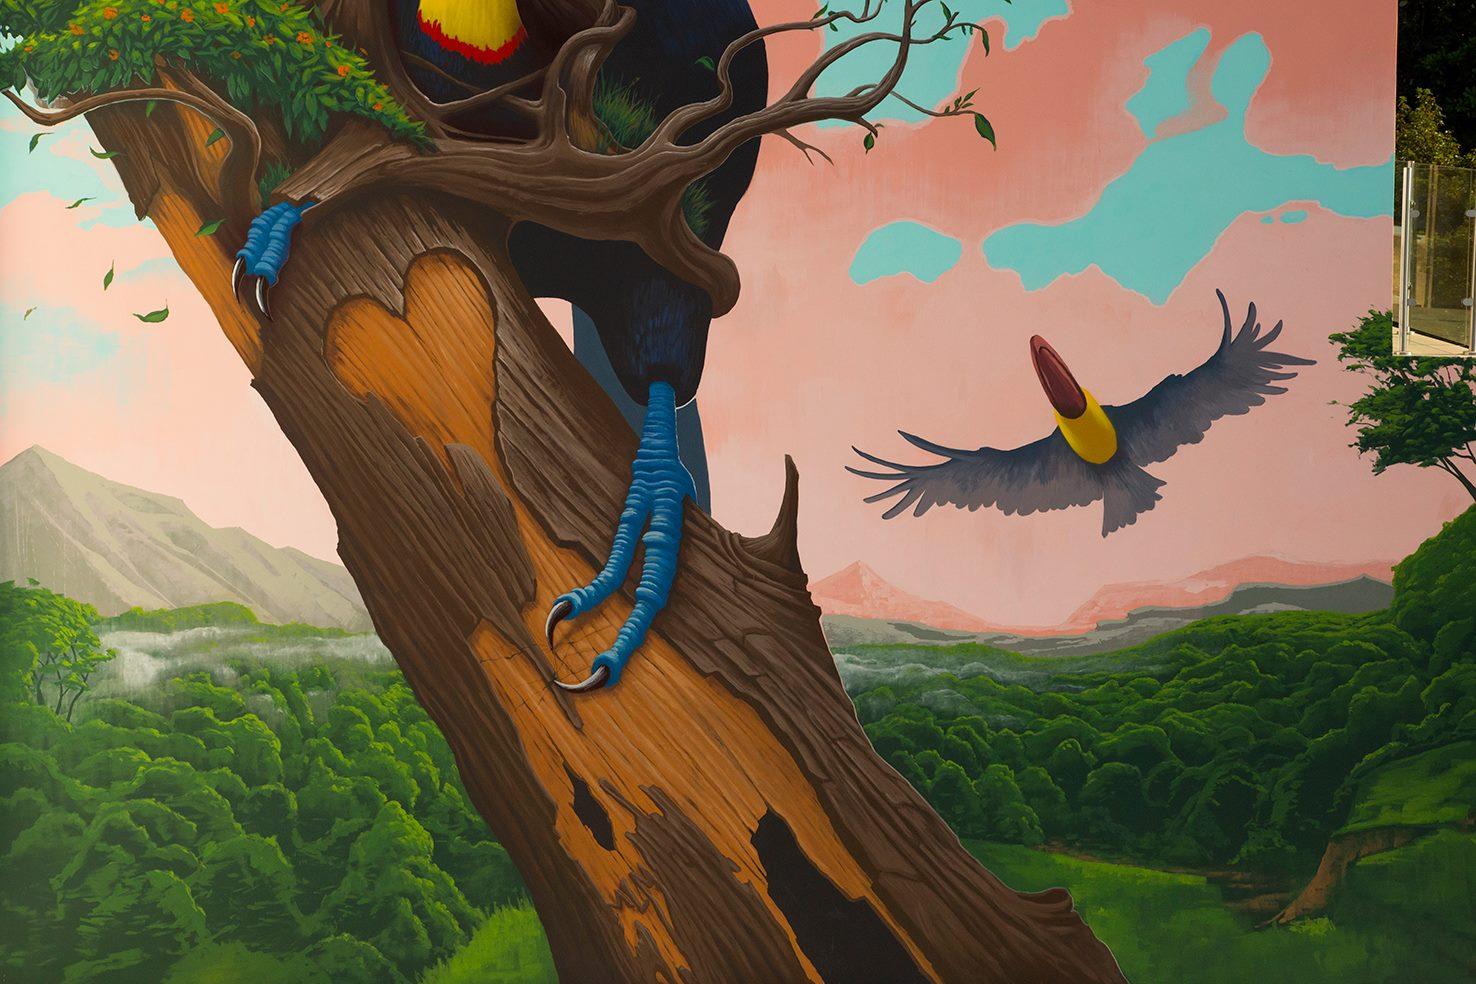 """""""Fragile"""" by Dulk in Jacó, Costa rica Artes & contextos 52682500 2054374368016796 2221176318907645952 o"""